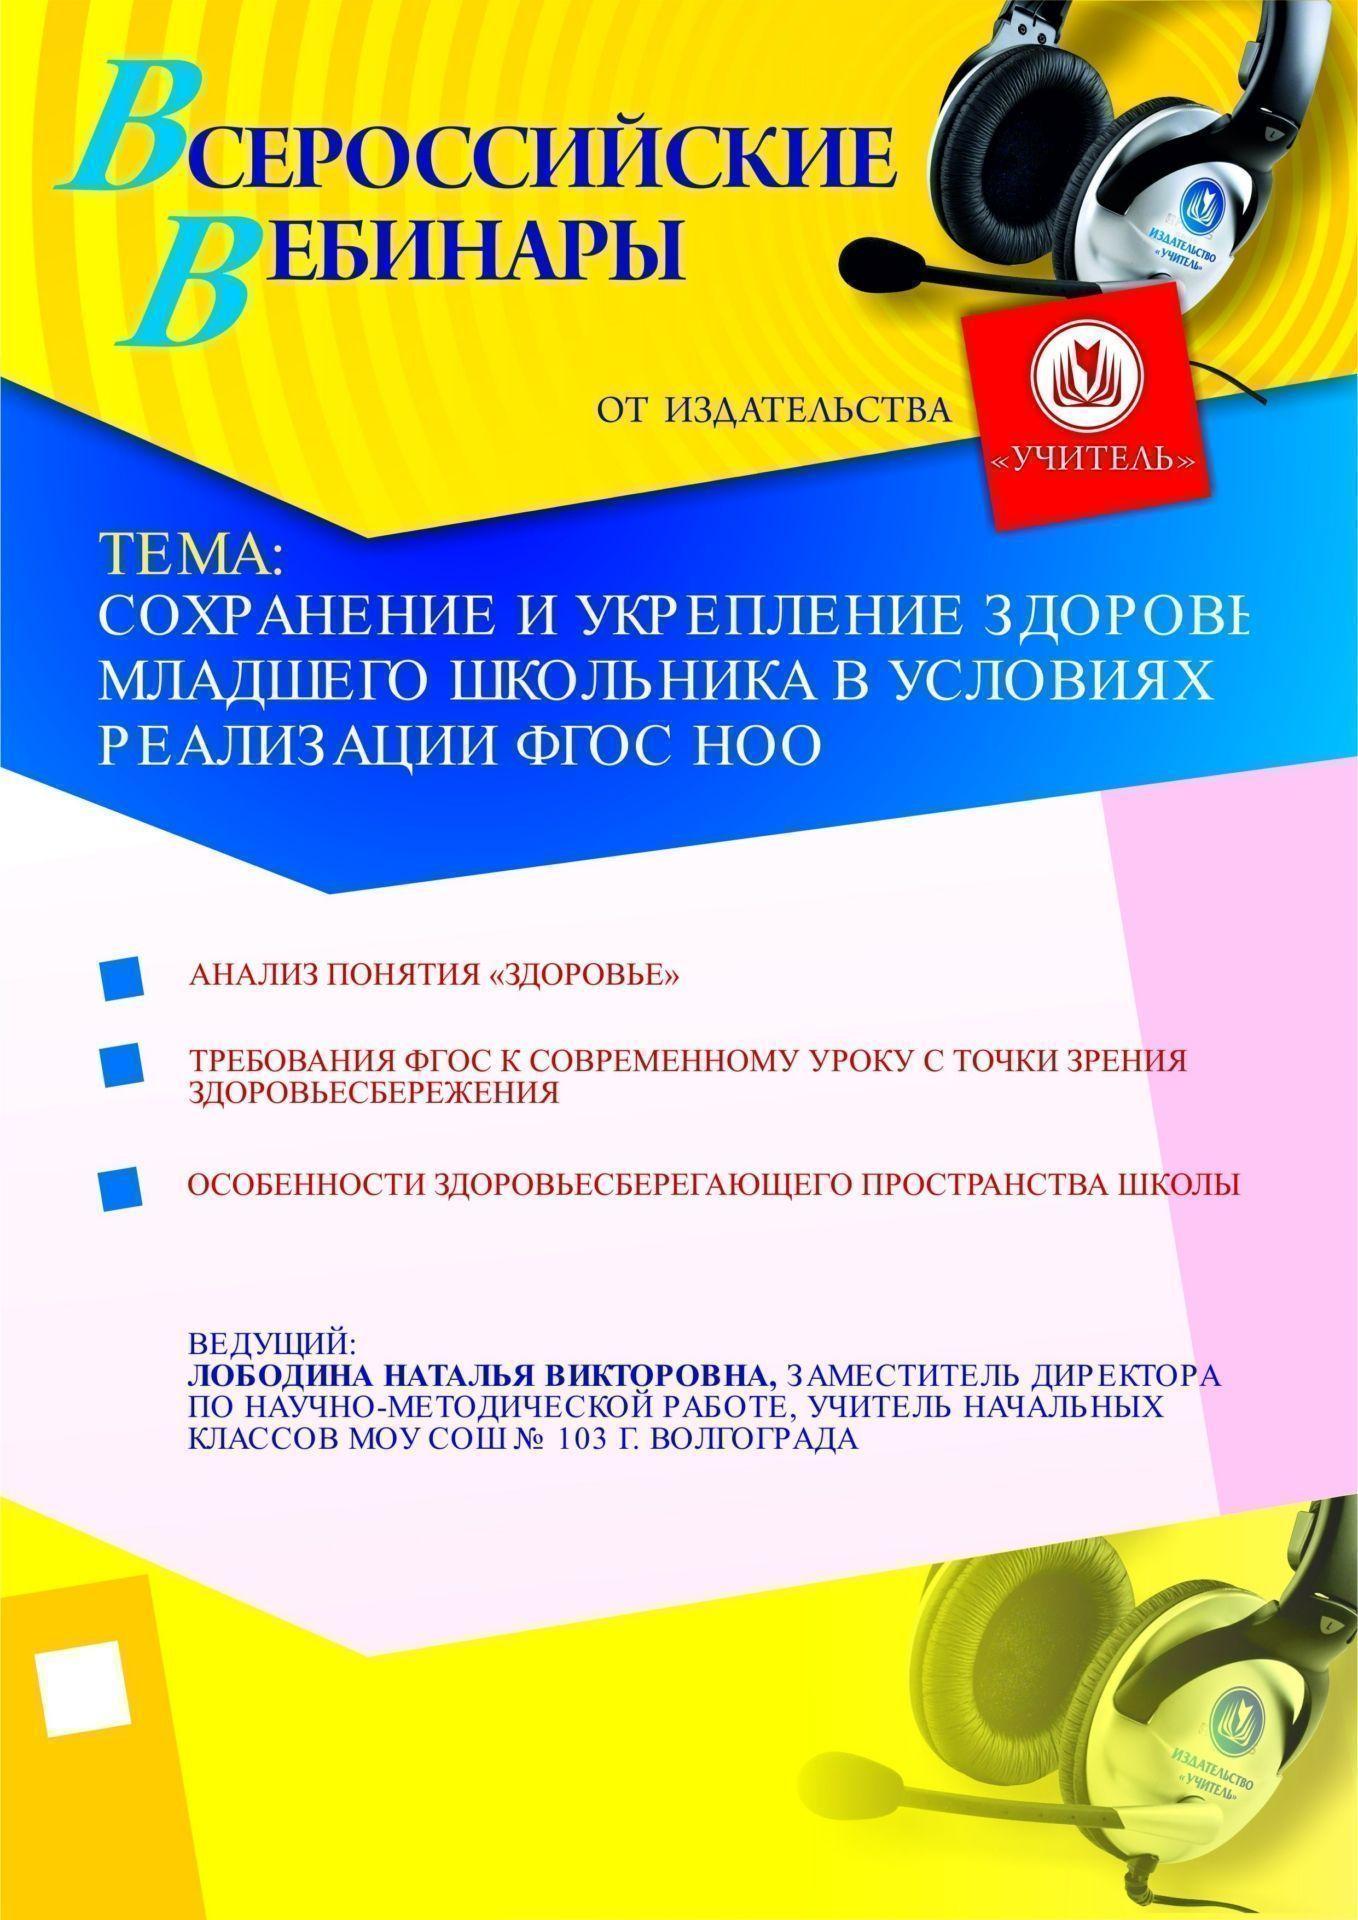 Сохранение и укрепление здоровья младшего школьника в условиях реализации ФГОС НОО фото